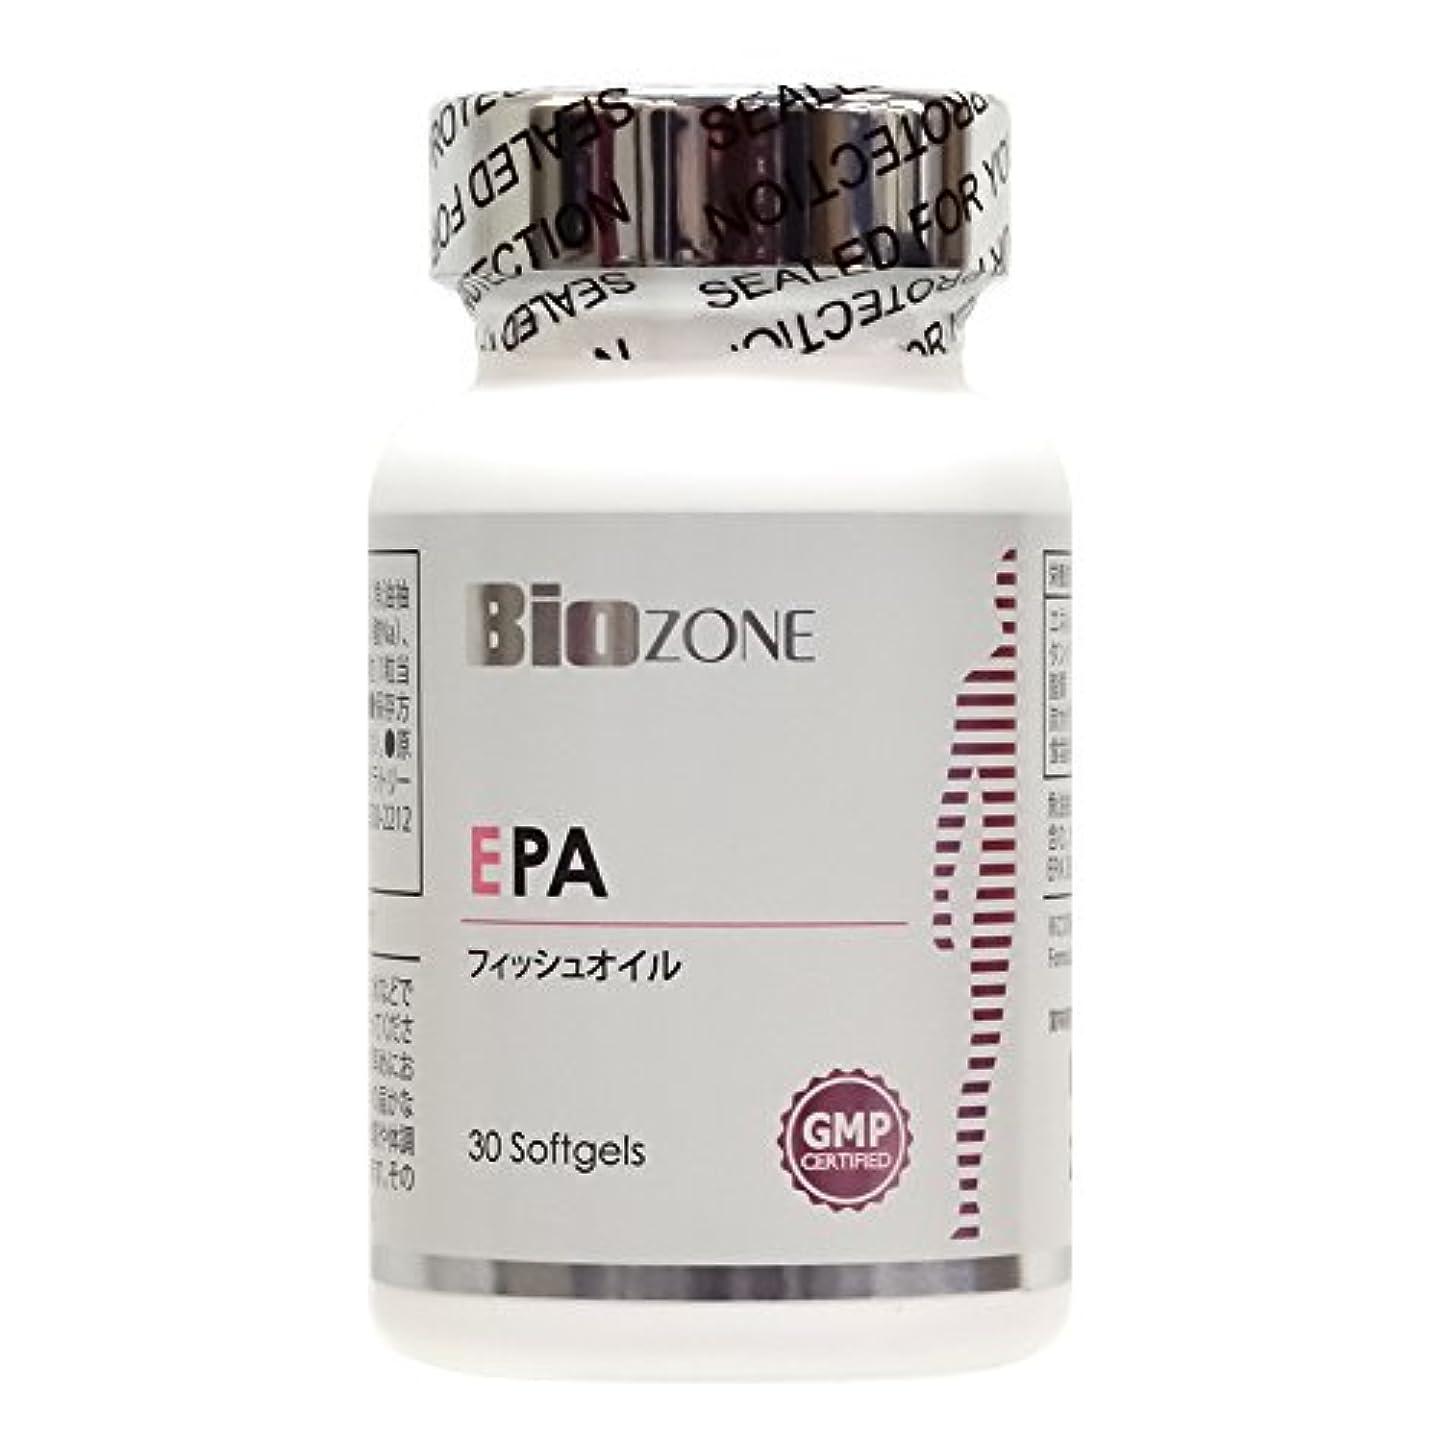 最初は乱用並外れたダグラスラボラトリーズ バイオゾーン(BioZONE) サプリメント EPA 30粒 30日分